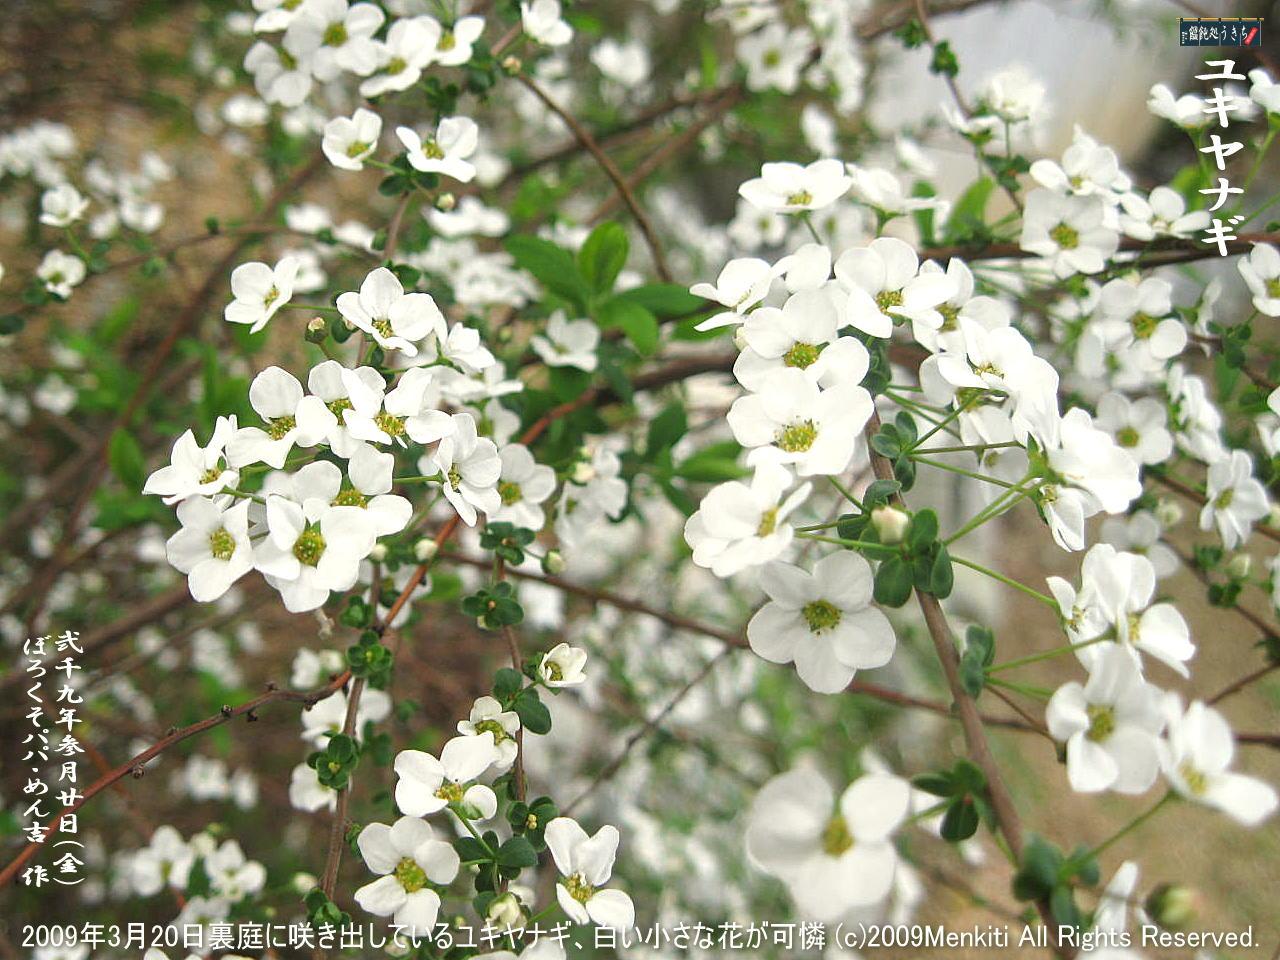 3/20(金)【ユキヤナギ】2009年3月20日裏庭に咲き出しているユキヤナギ、小さな蕾と白い花が可憐!@キャツピ&めん吉の【ぼろくそパパの独り言】     ▼クリックで1280x960pxlsに拡大します。